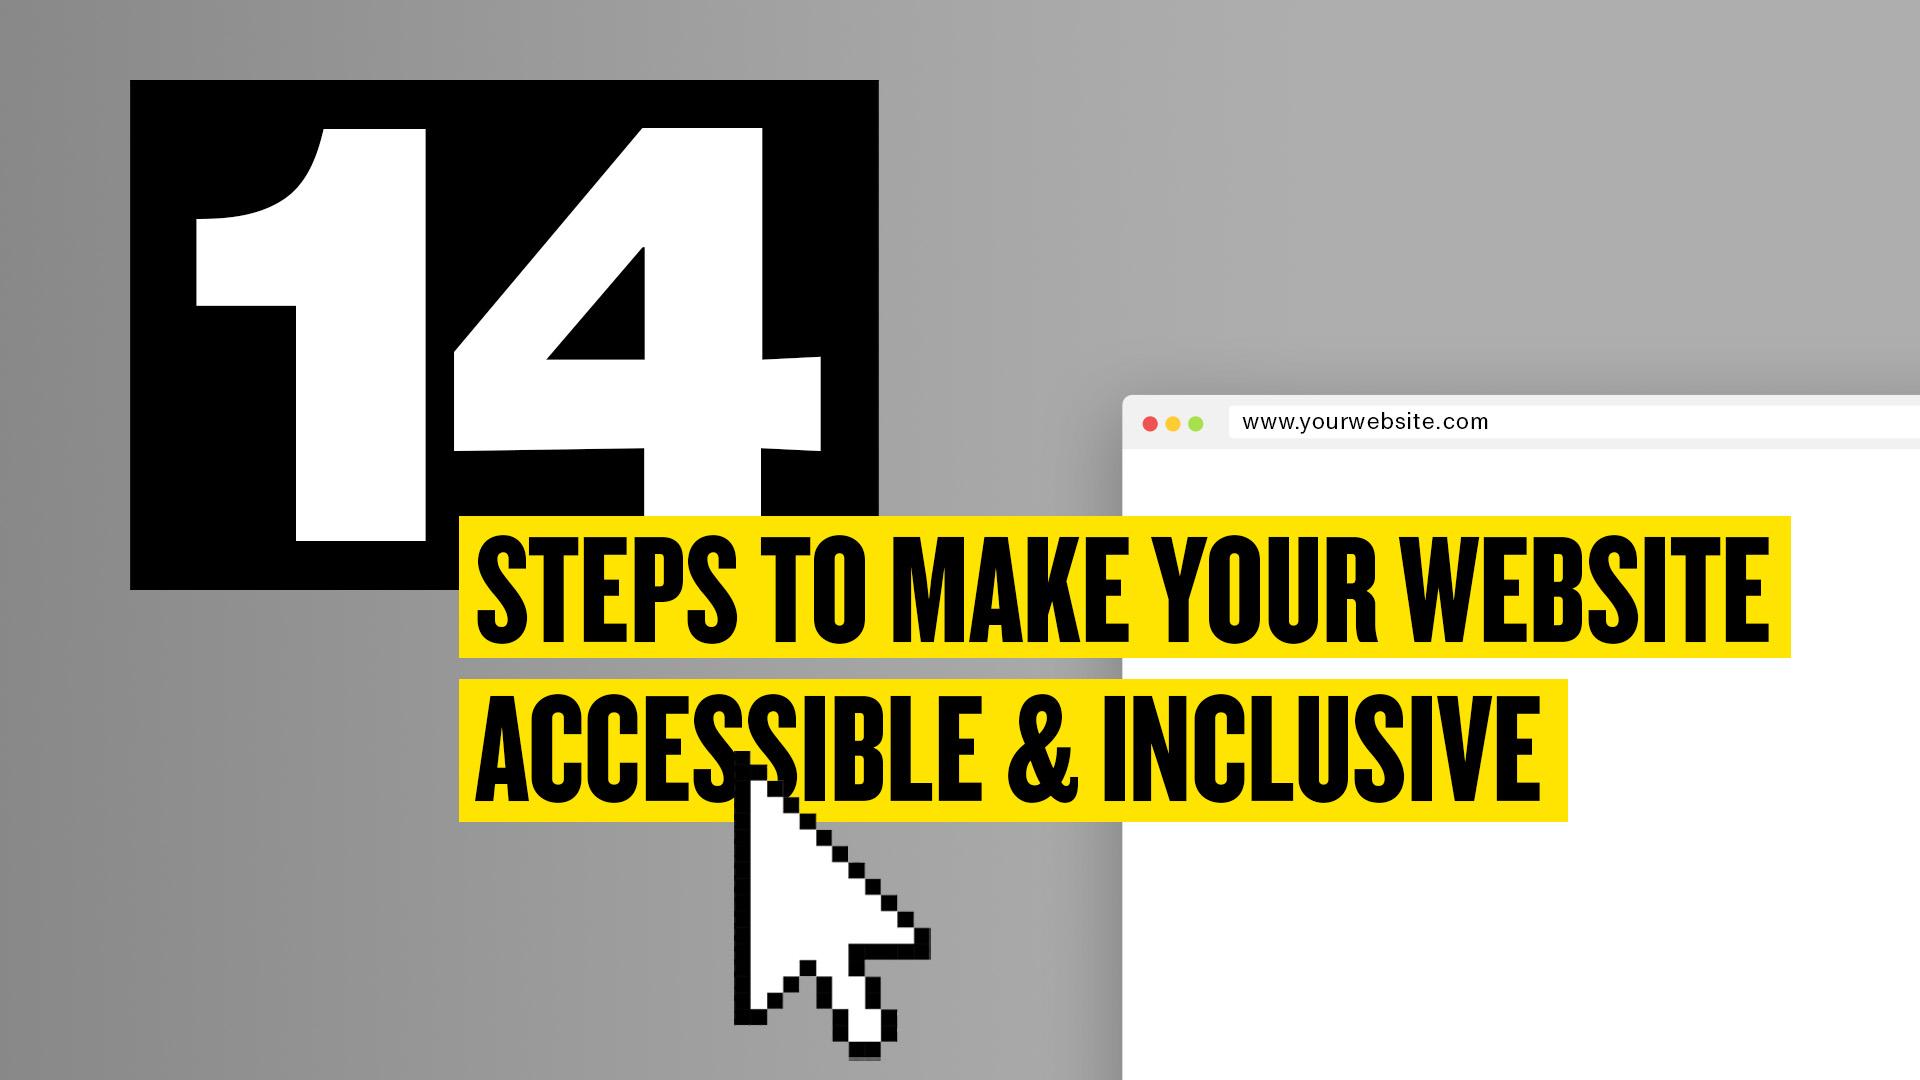 你的网站是否容易访问?迈向包容的14个步骤